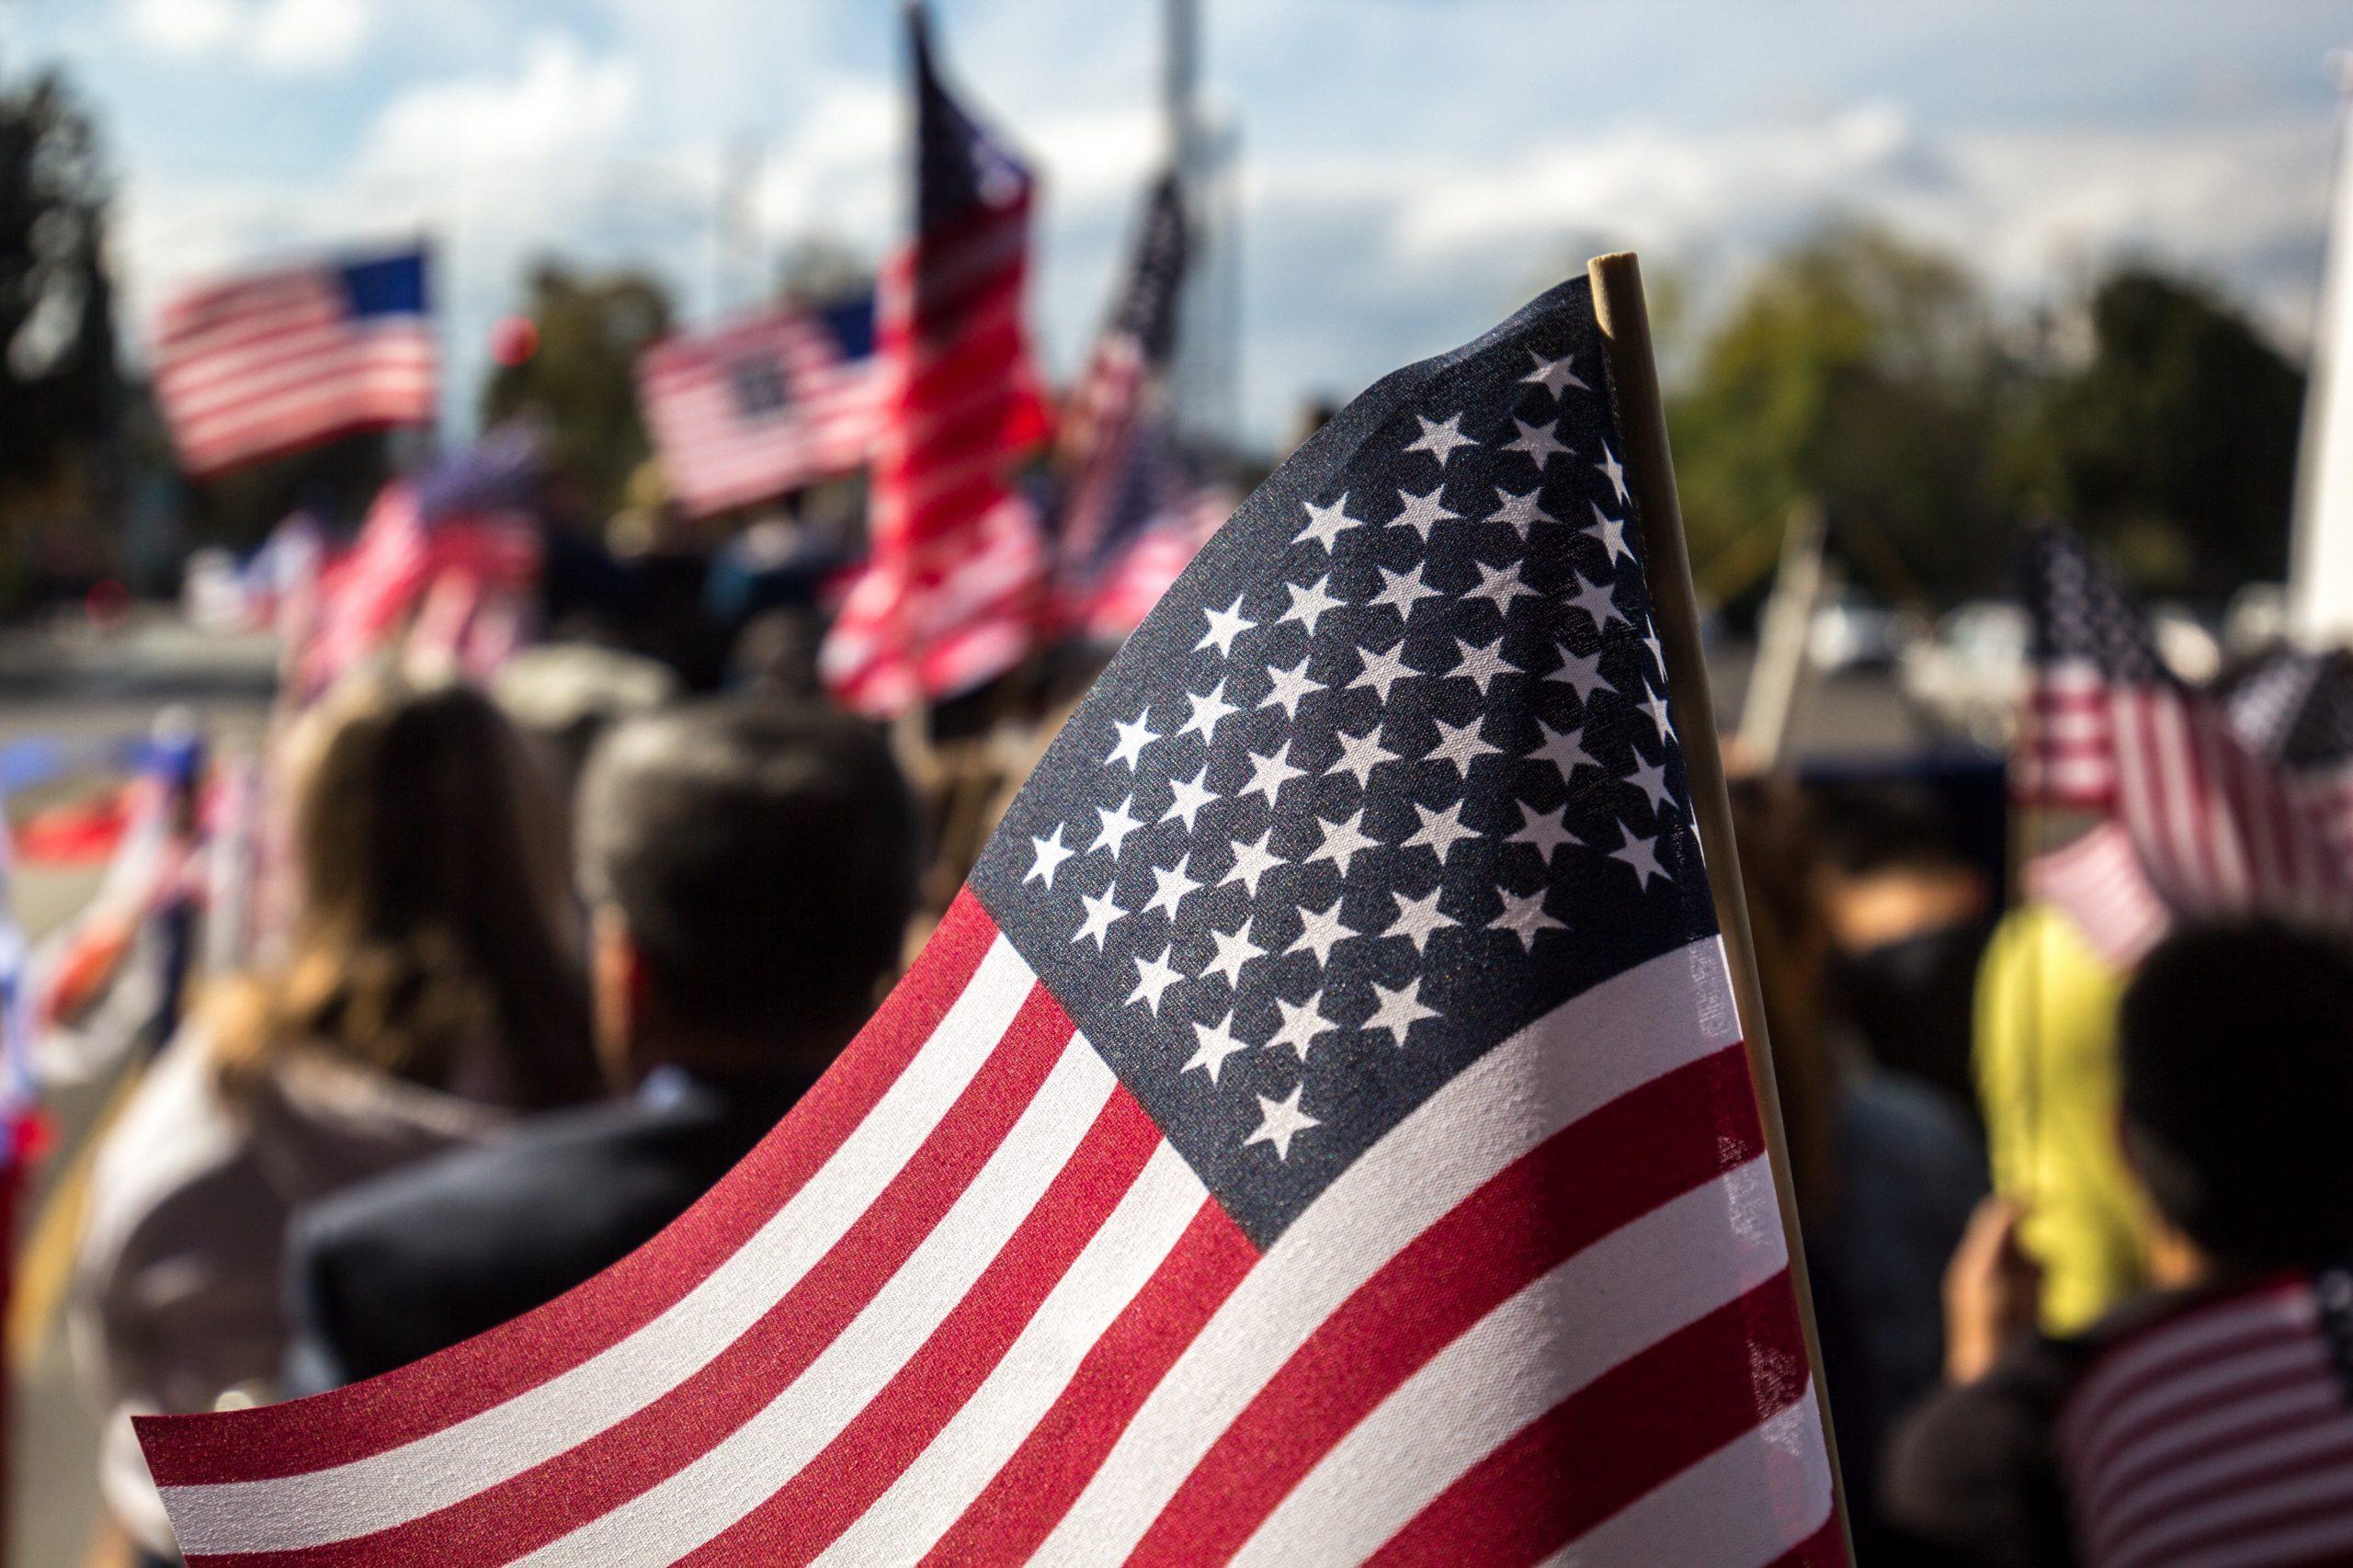 الحياة في امريكا: 10 أشياء يعشقها الشعب الامريكي